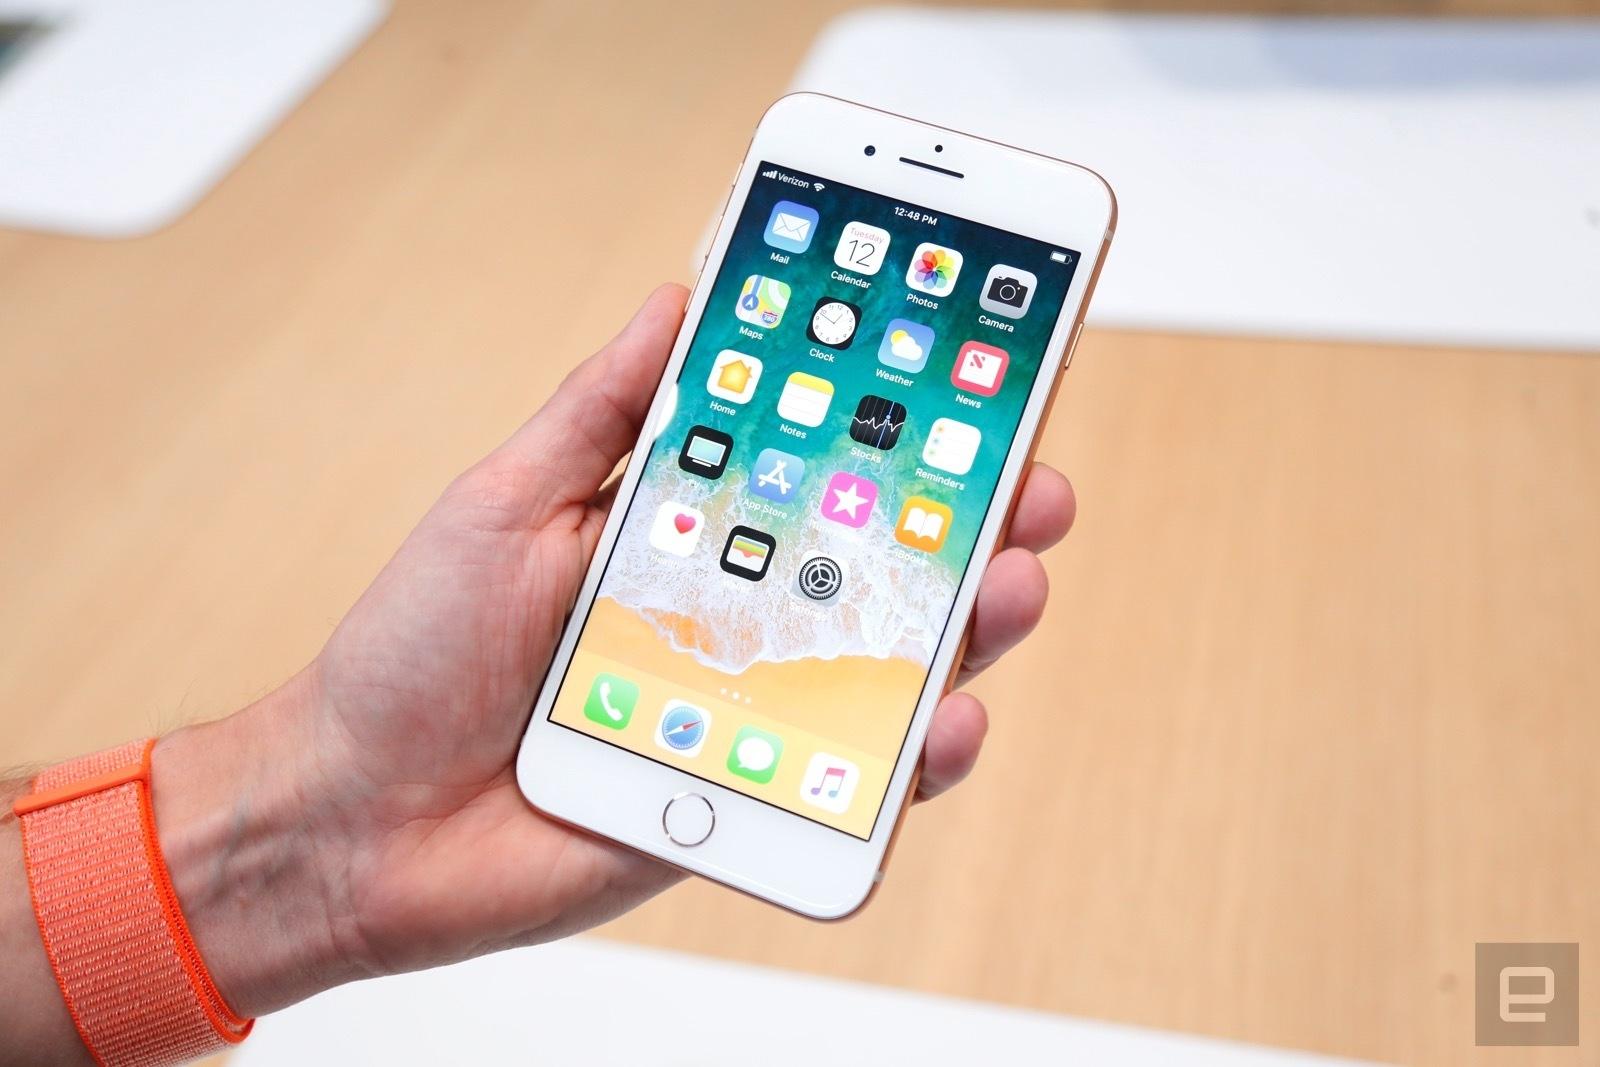 купить Айфон 8 плюс купить в Украине